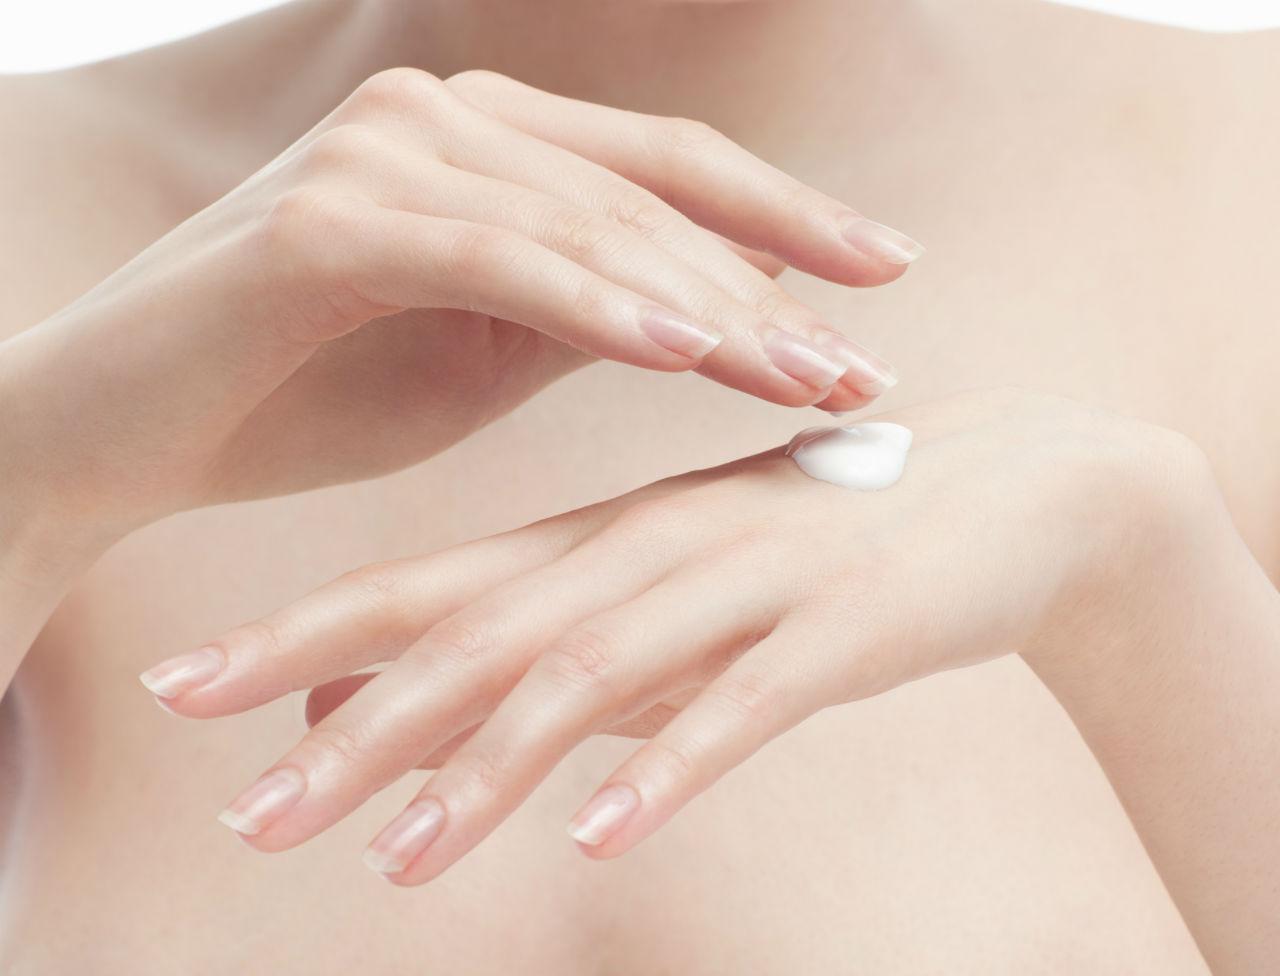 Pentru maini frumoase iarna , protejeaza-le de frig ! Aplica aceasta crema facuta in casa si ridurile vor disparea